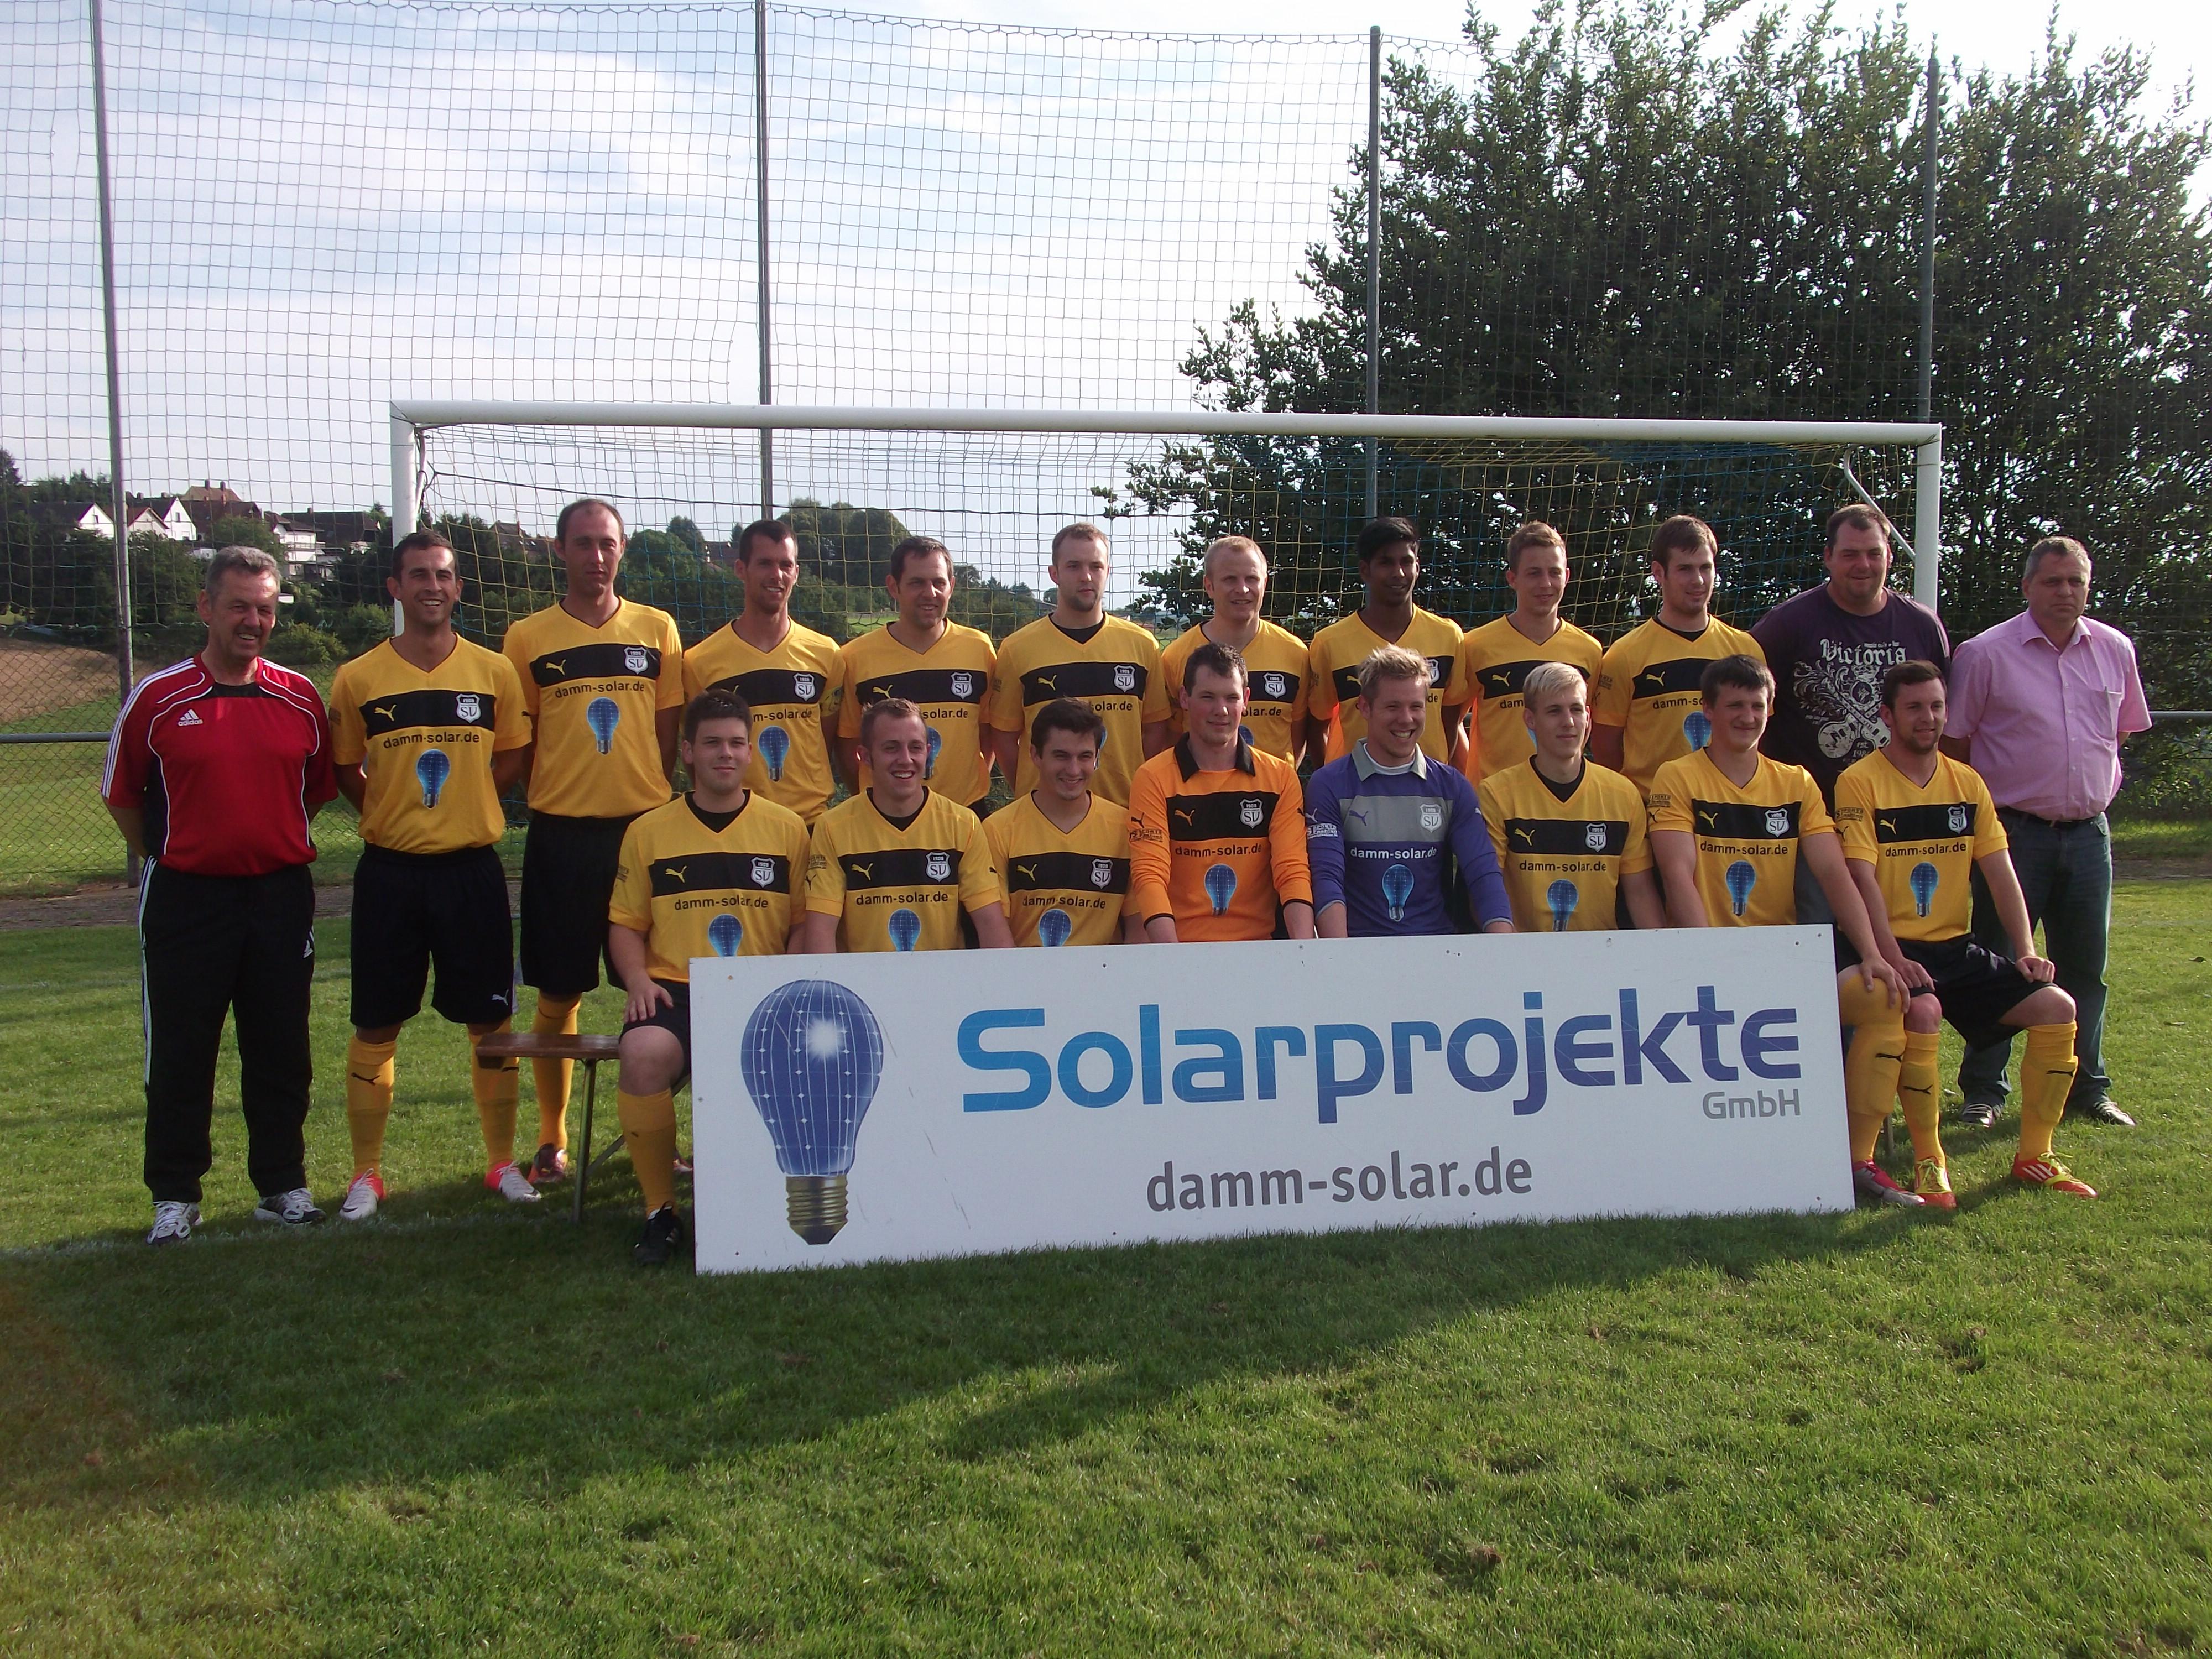 Mannschaftsfoto/Teamfoto von SV Herschberg